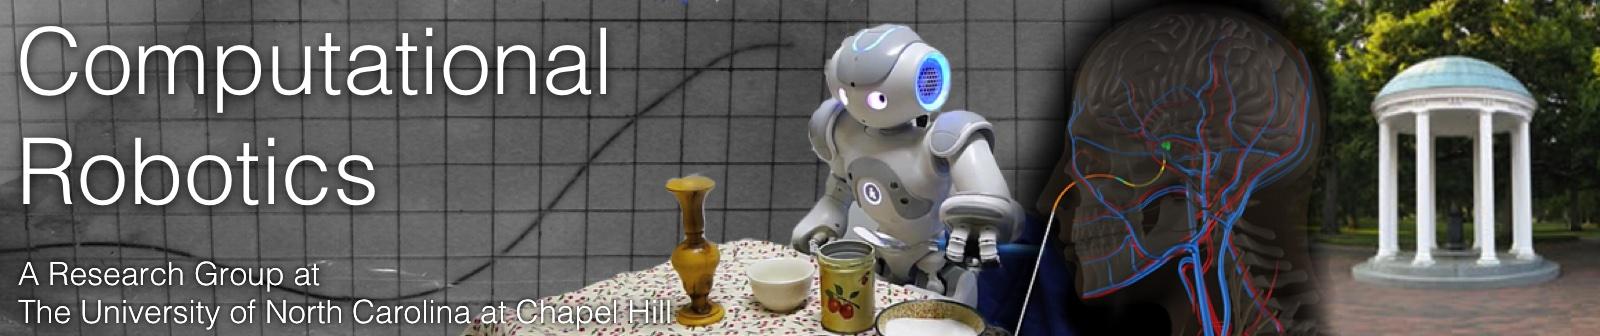 Computational Robotics Group at UNC-Chapel Hill